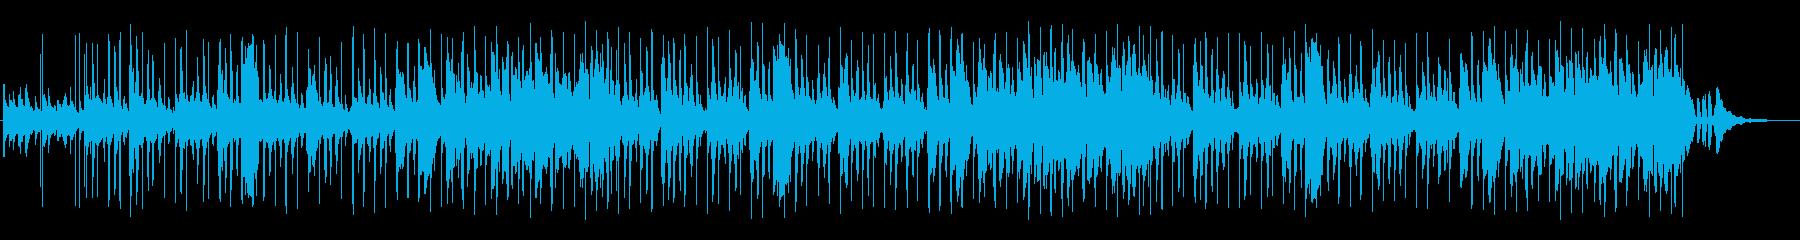 晴れのちお出かけBGMの再生済みの波形